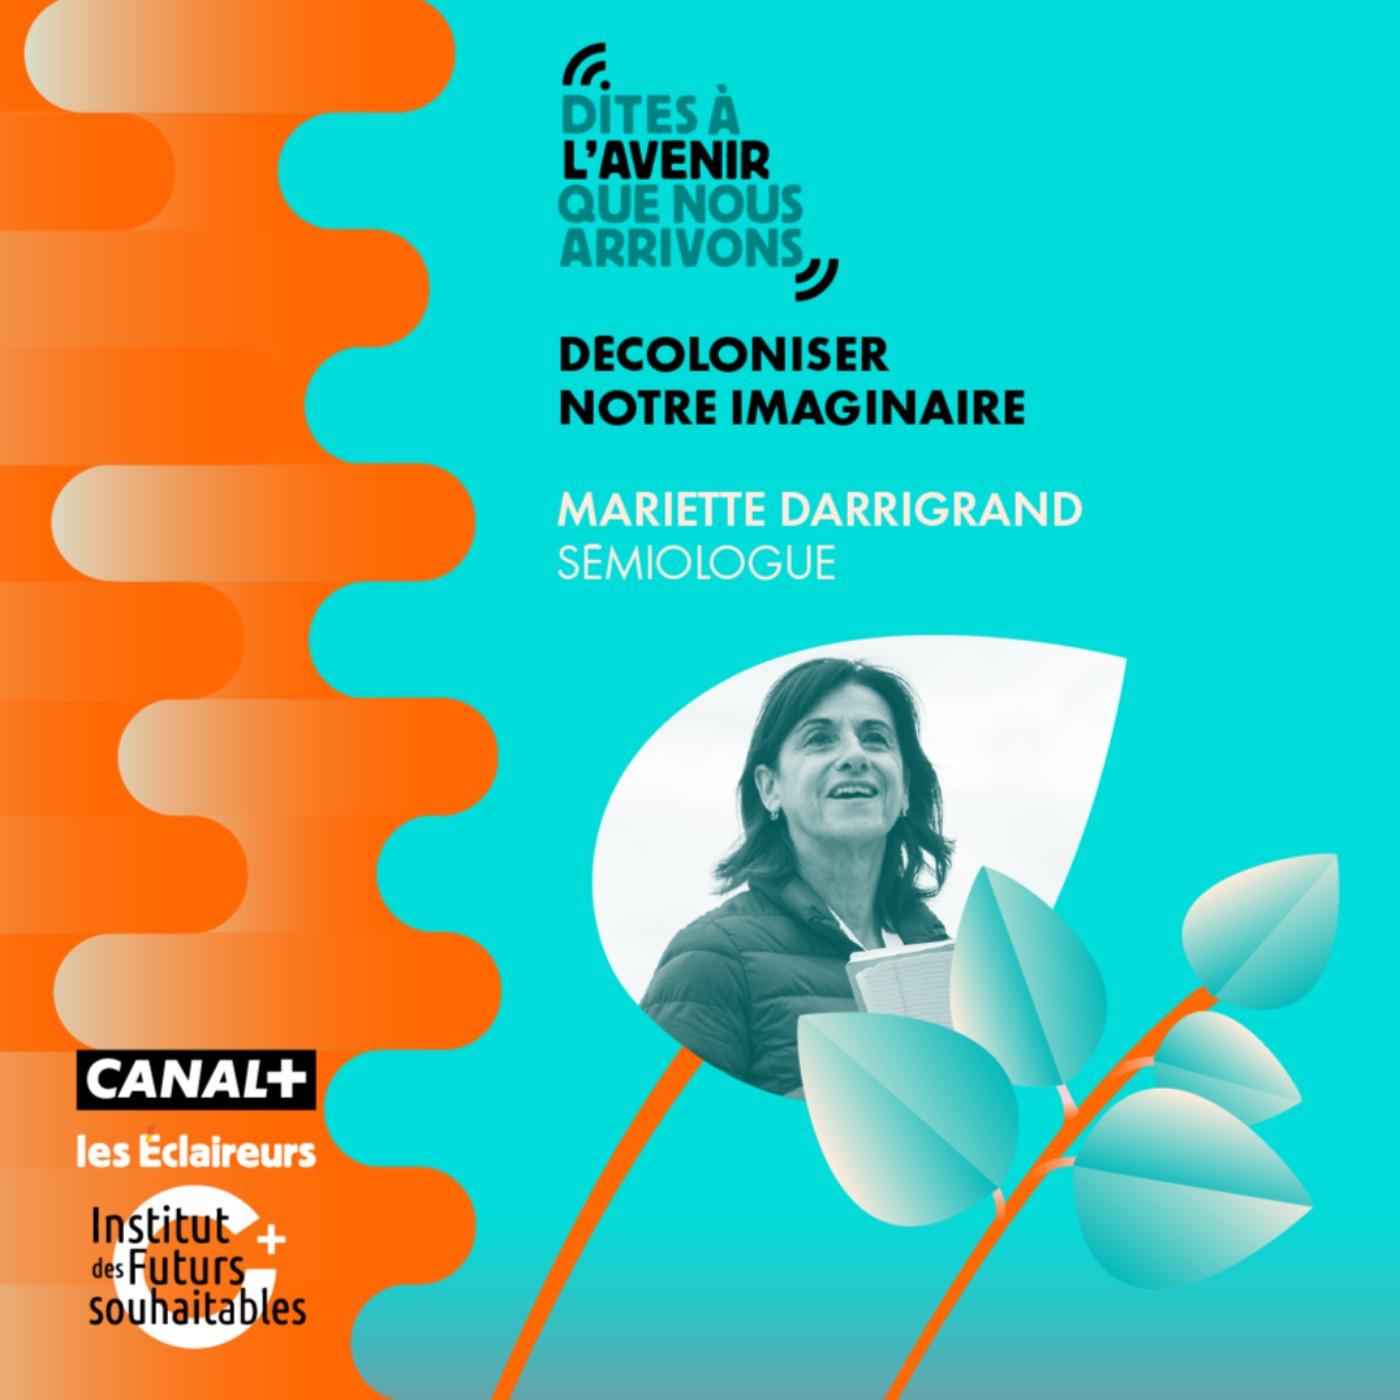 Décoloniser notre imaginaire avec Mariette Darrigrand, sémiologue